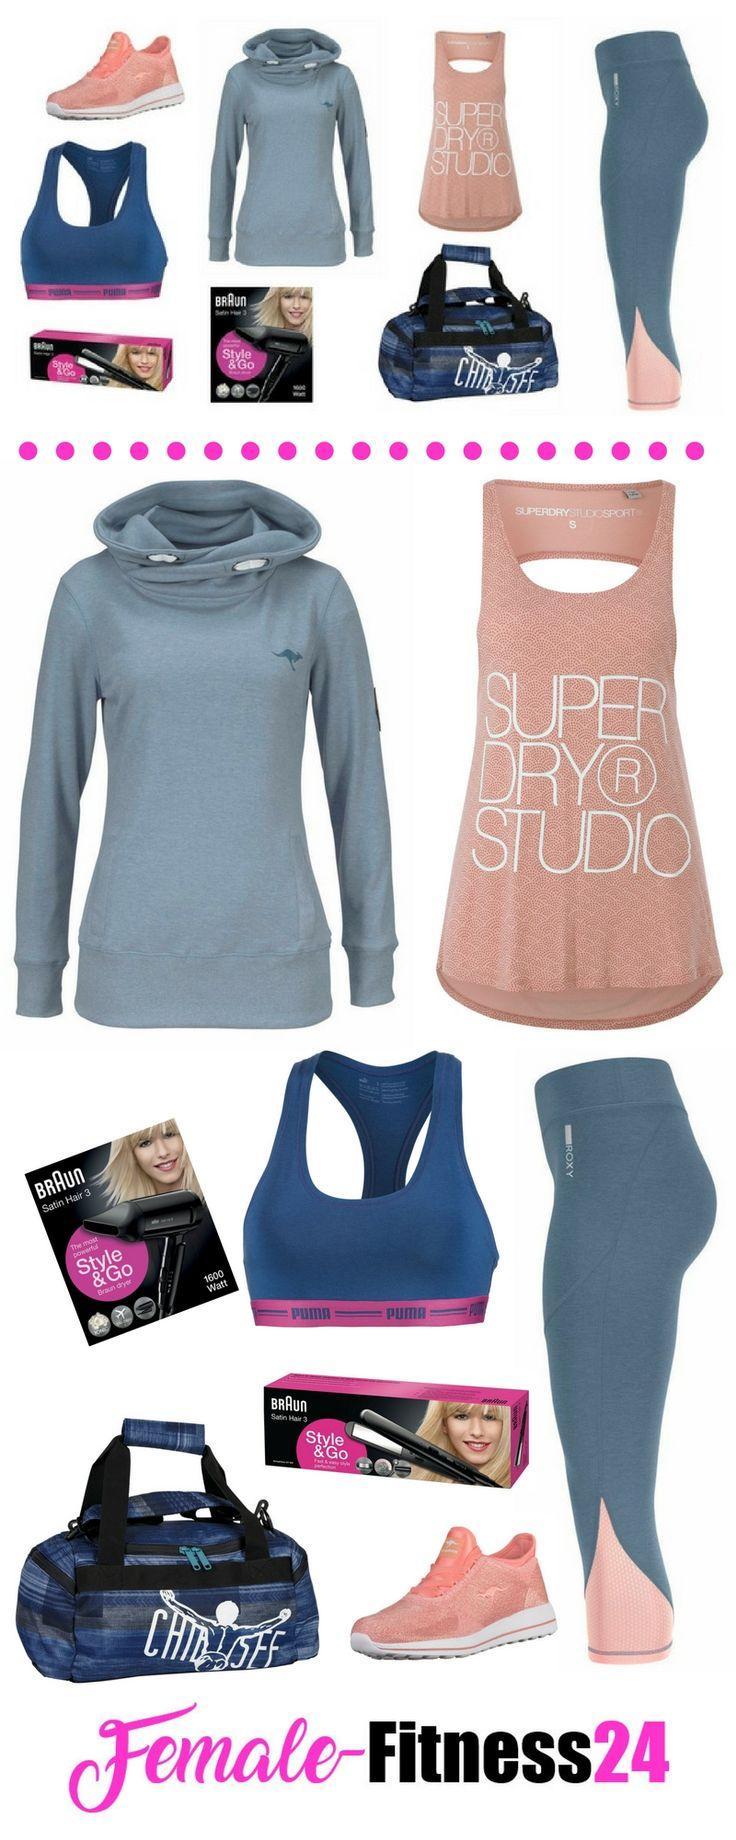 So stylt man eine Capri-Leggings und lässt nebenbei die Beine länger wirken: Fitness-Outfit für Frauen | Workout-Kleidung bestehend aus: Fitness-Top, Sport-Bra / Sport-BH, 3/4 Leggings / Capri-Leggings, Sweatshirt, Fitness-Sneaker, Sporttasche, Reisehaartrockner und Reise Haarglätter - ideal fürs Workout, Fitness-Training, Kurse wie z.B. Bauch, Beine, Po, Dance-Fitness, Aerobic